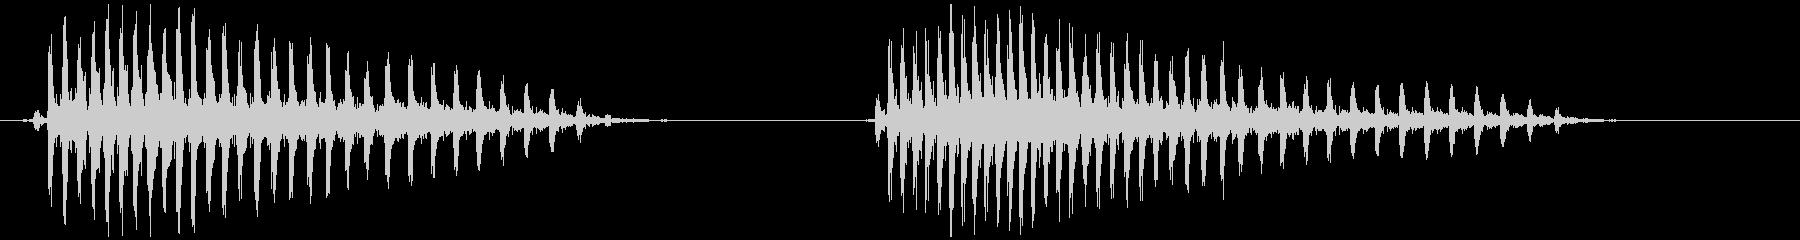 アヒルの鳴き声(鳥笛) クアークアーの未再生の波形